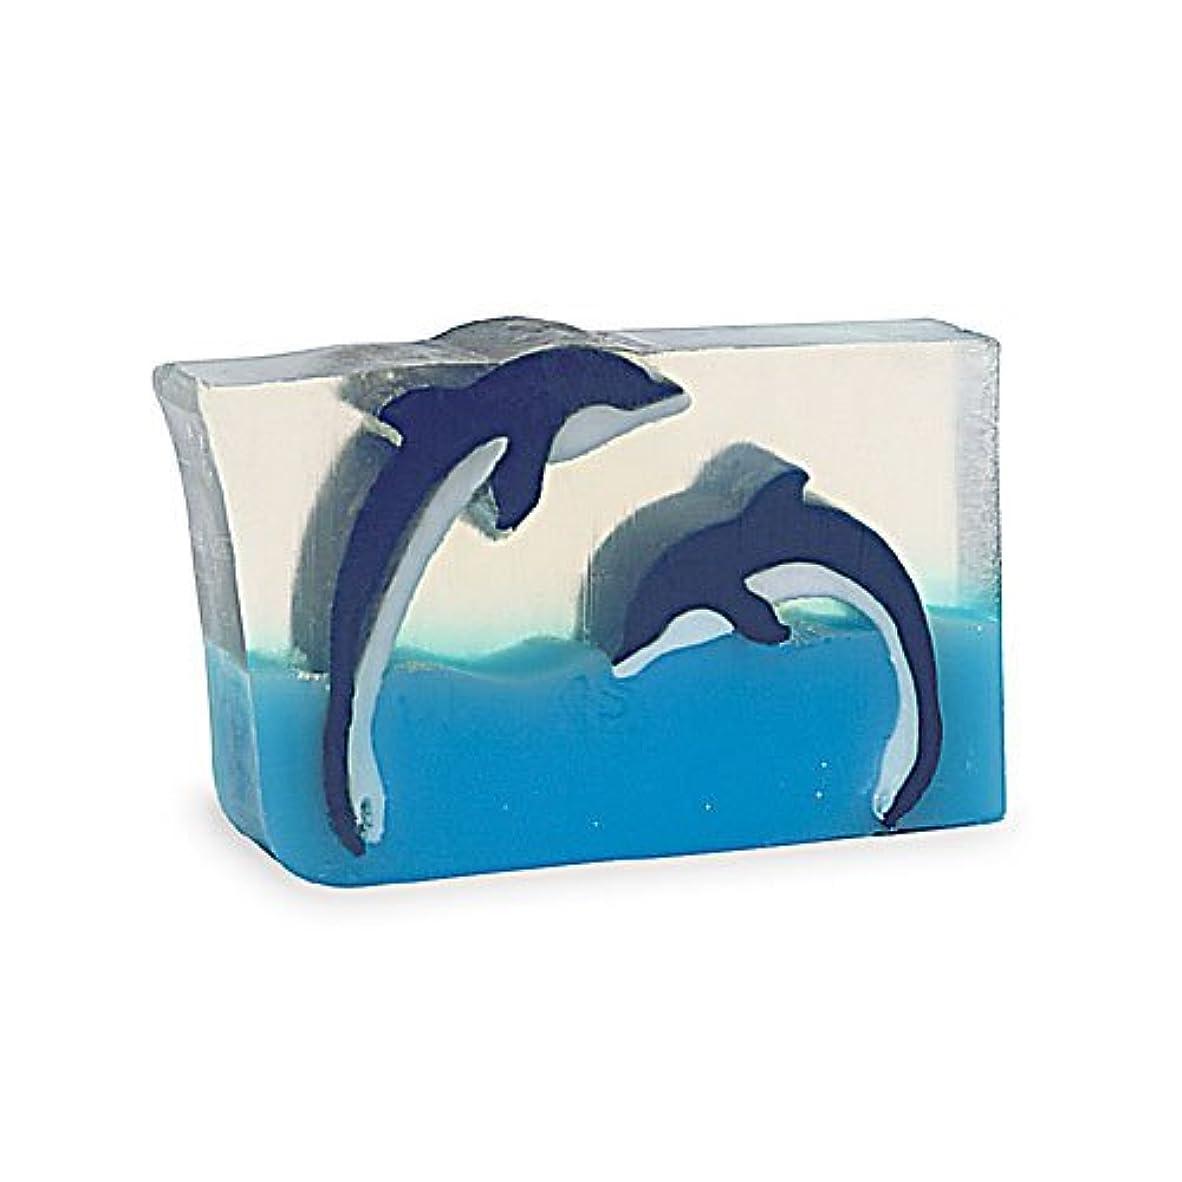 泳ぐニックネーム相対サイズプライモールエレメンツ アロマティック ソープ ドルフィンラブ 180g 植物性 ナチュラル 石鹸 無添加